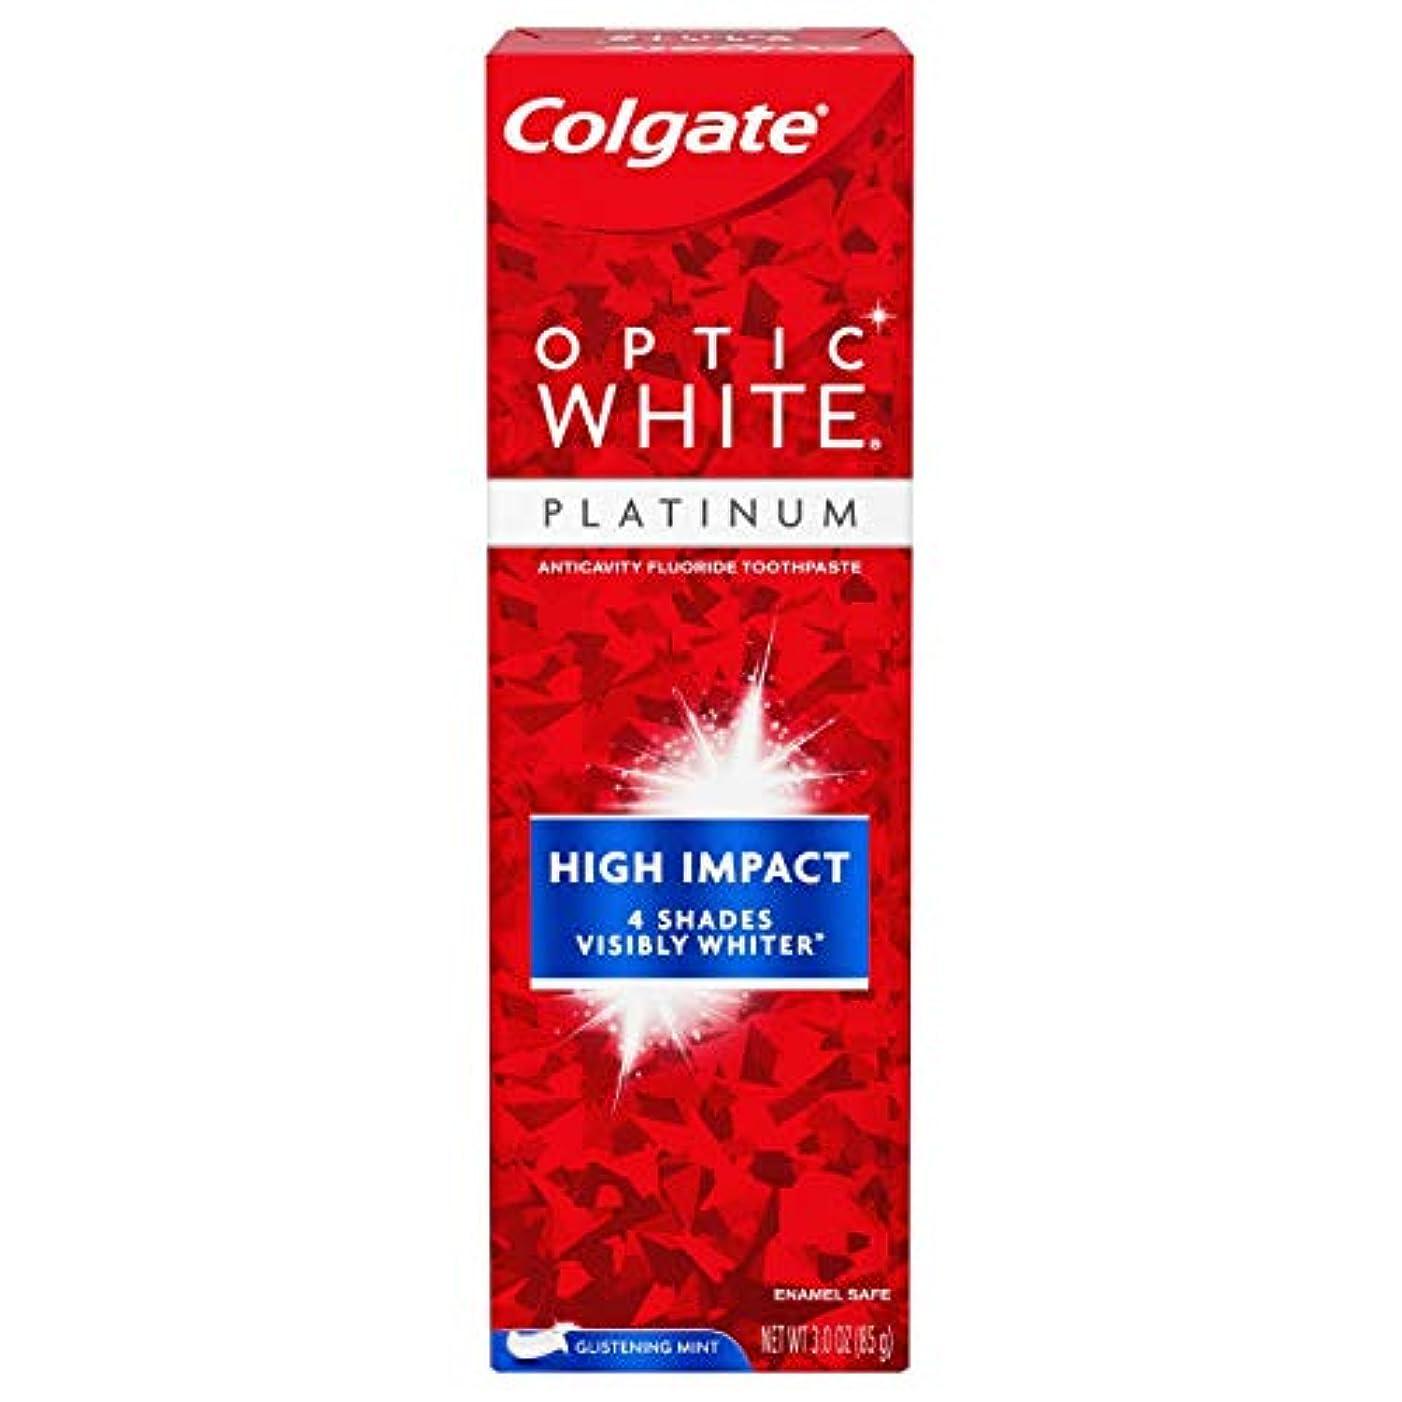 束薬噂Colgate Optic White High Impact White 練り歯磨き [並行輸入品]